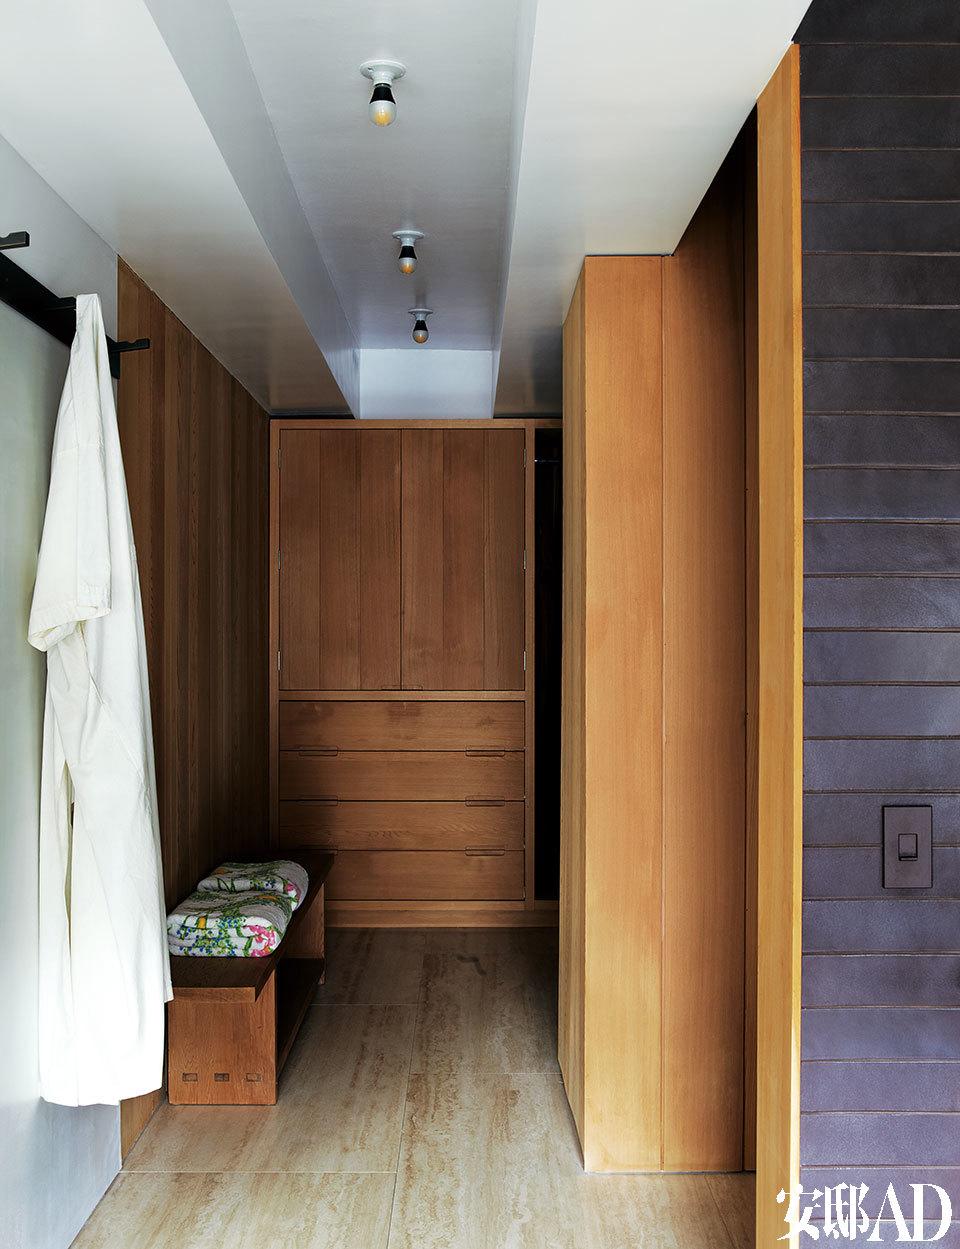 墙面和衣帽间的储物柜也是红雪松木材质,浴巾购自D.Porthault。